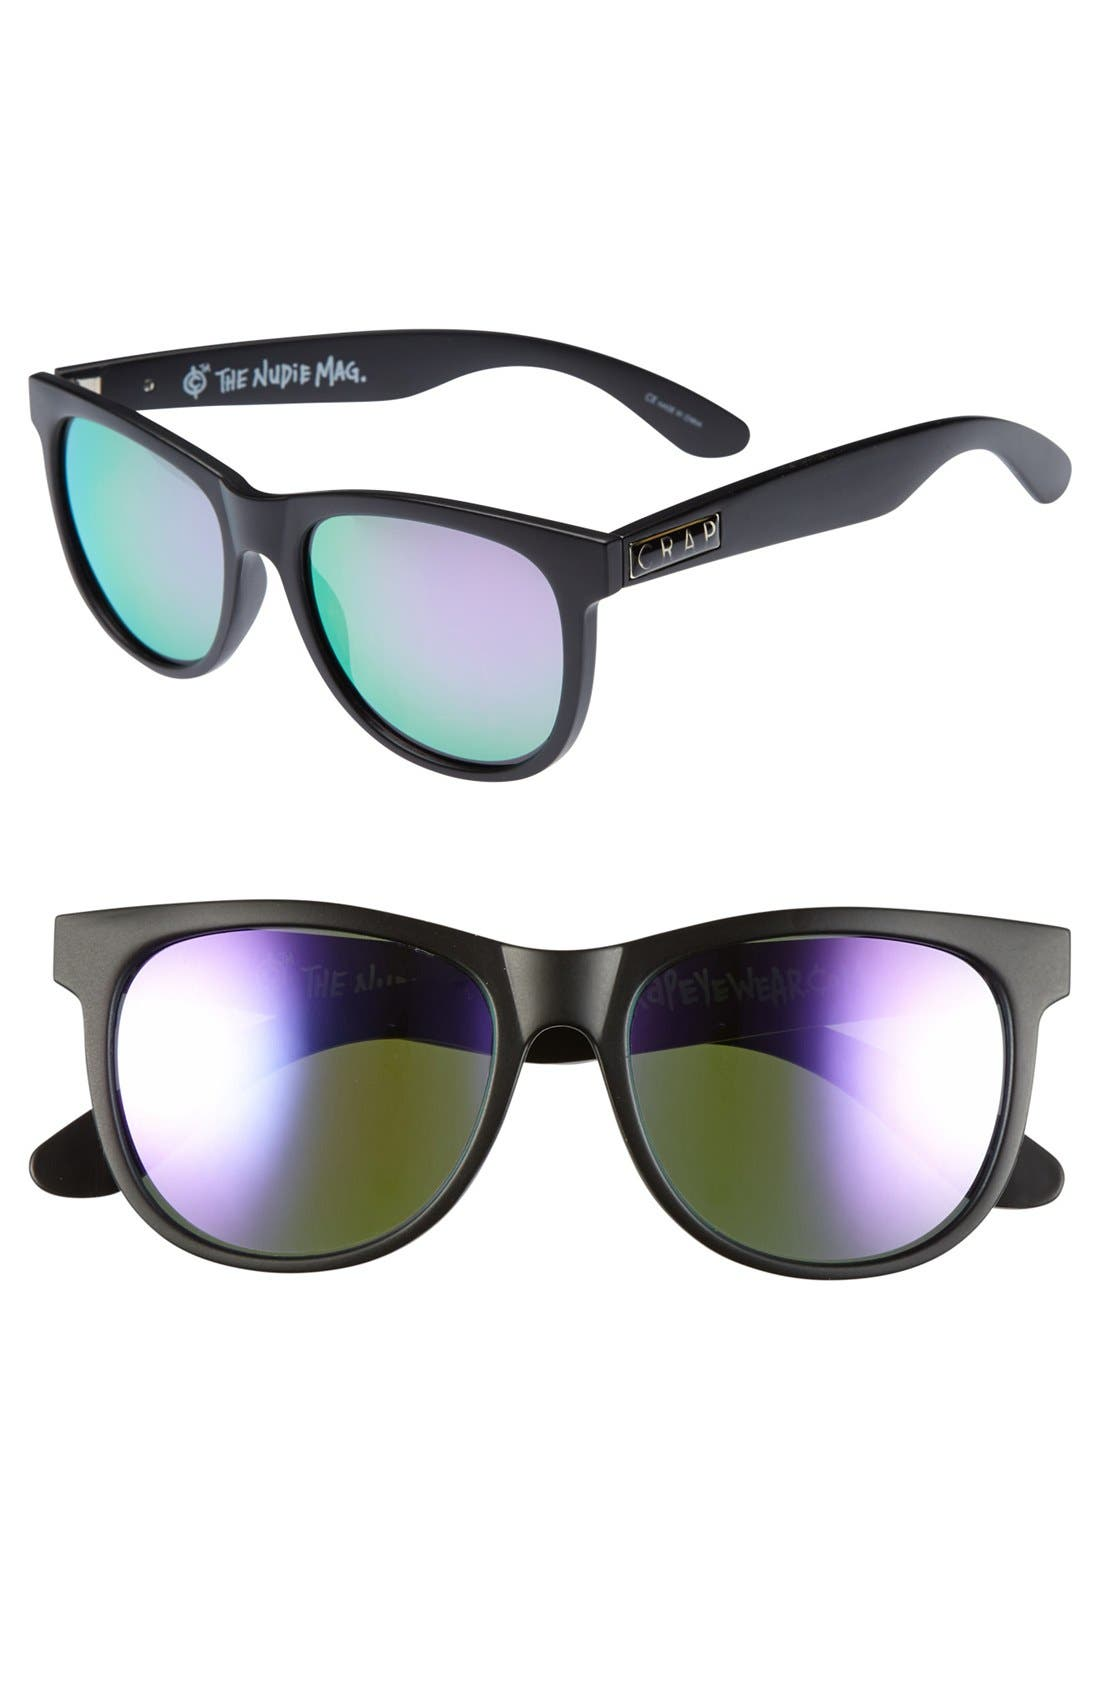 Alternate Image 1 Selected - CRAP Eyewear 'Nudie Mag' 55mm Sunglasses